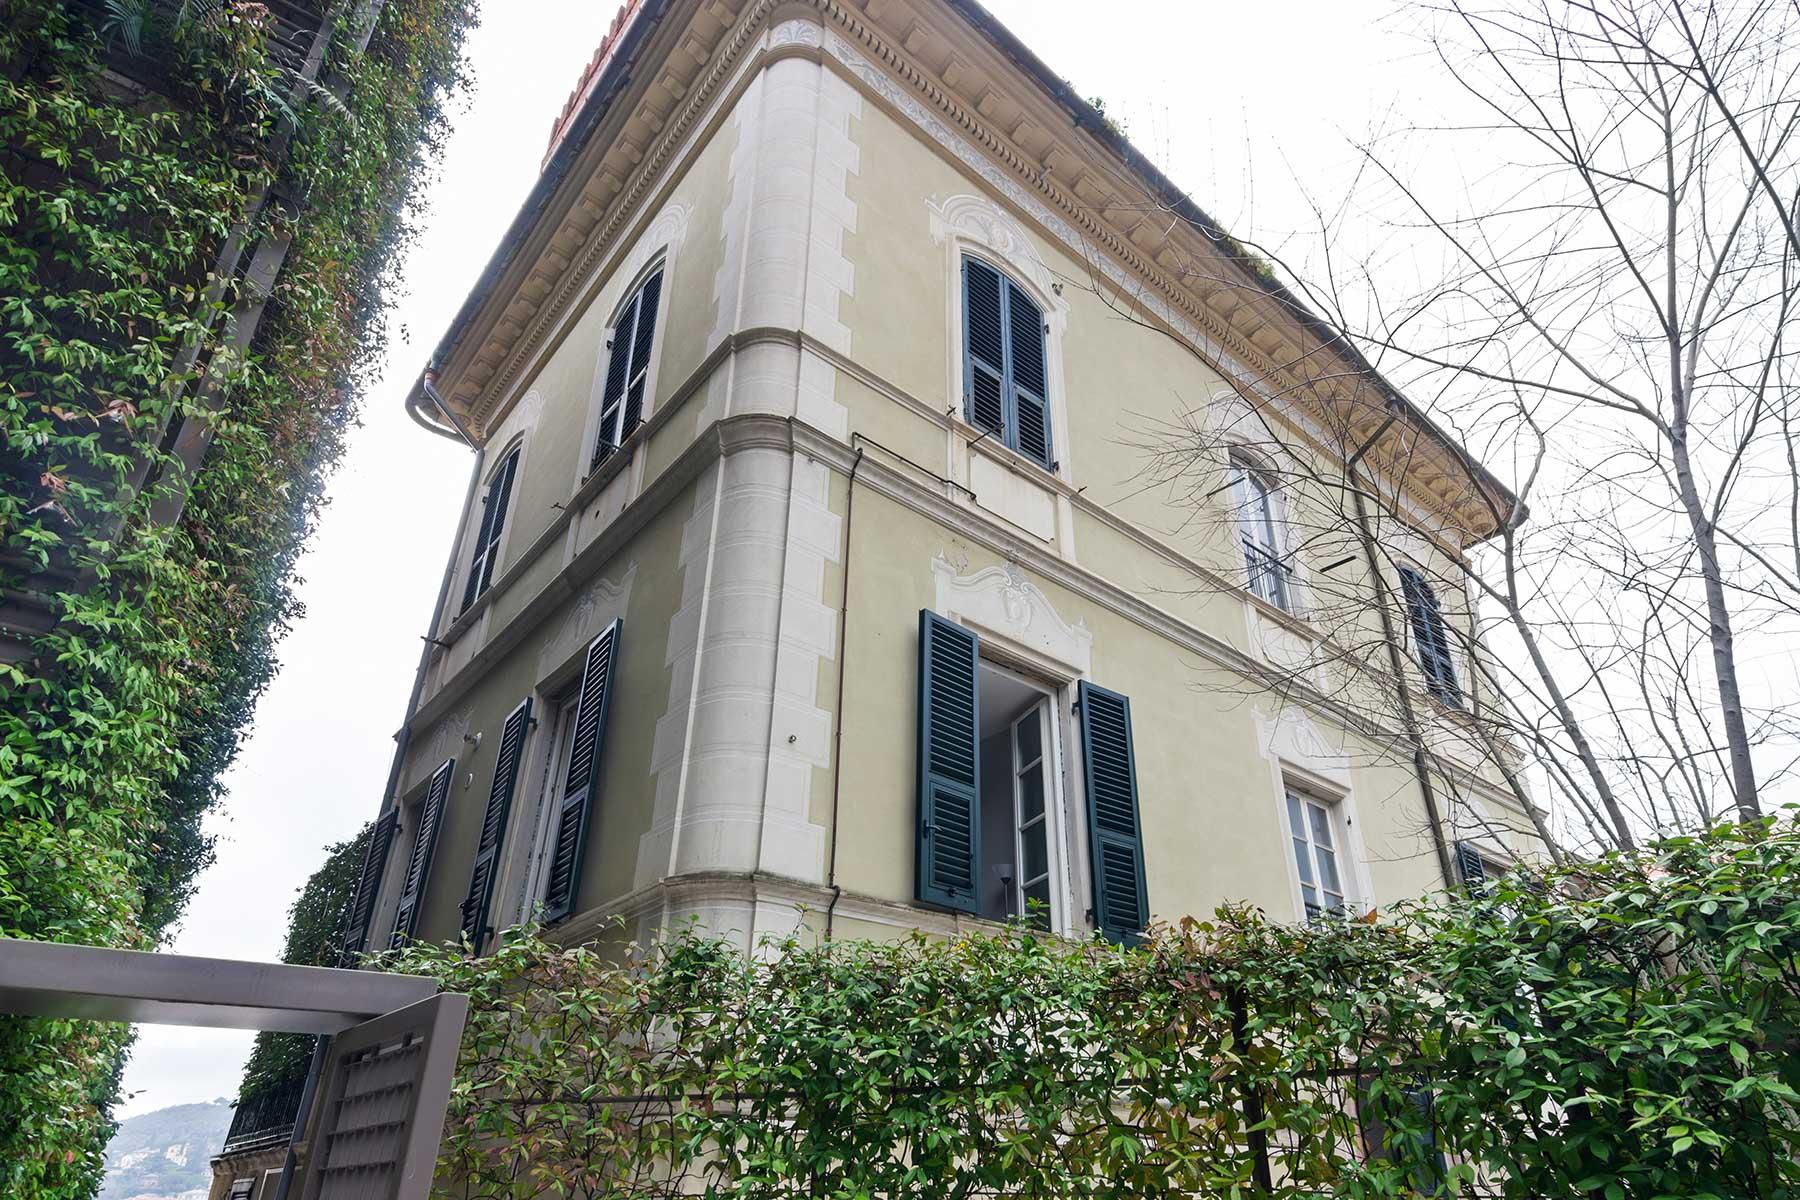 Appartamento in Vendita a Santa Margherita Ligure: 5 locali, 150 mq - Foto 13